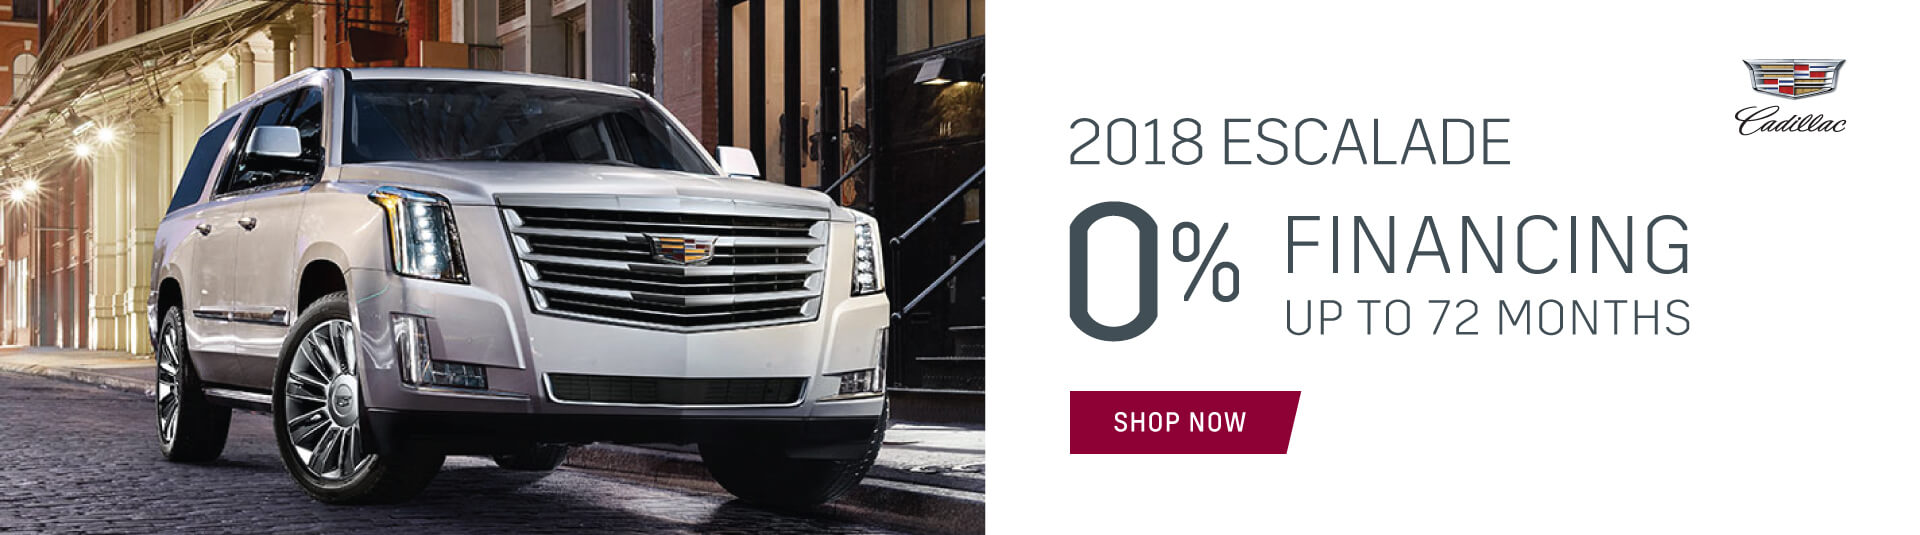 2018 Cadillac Escalade 0% financing incentive in Toronto